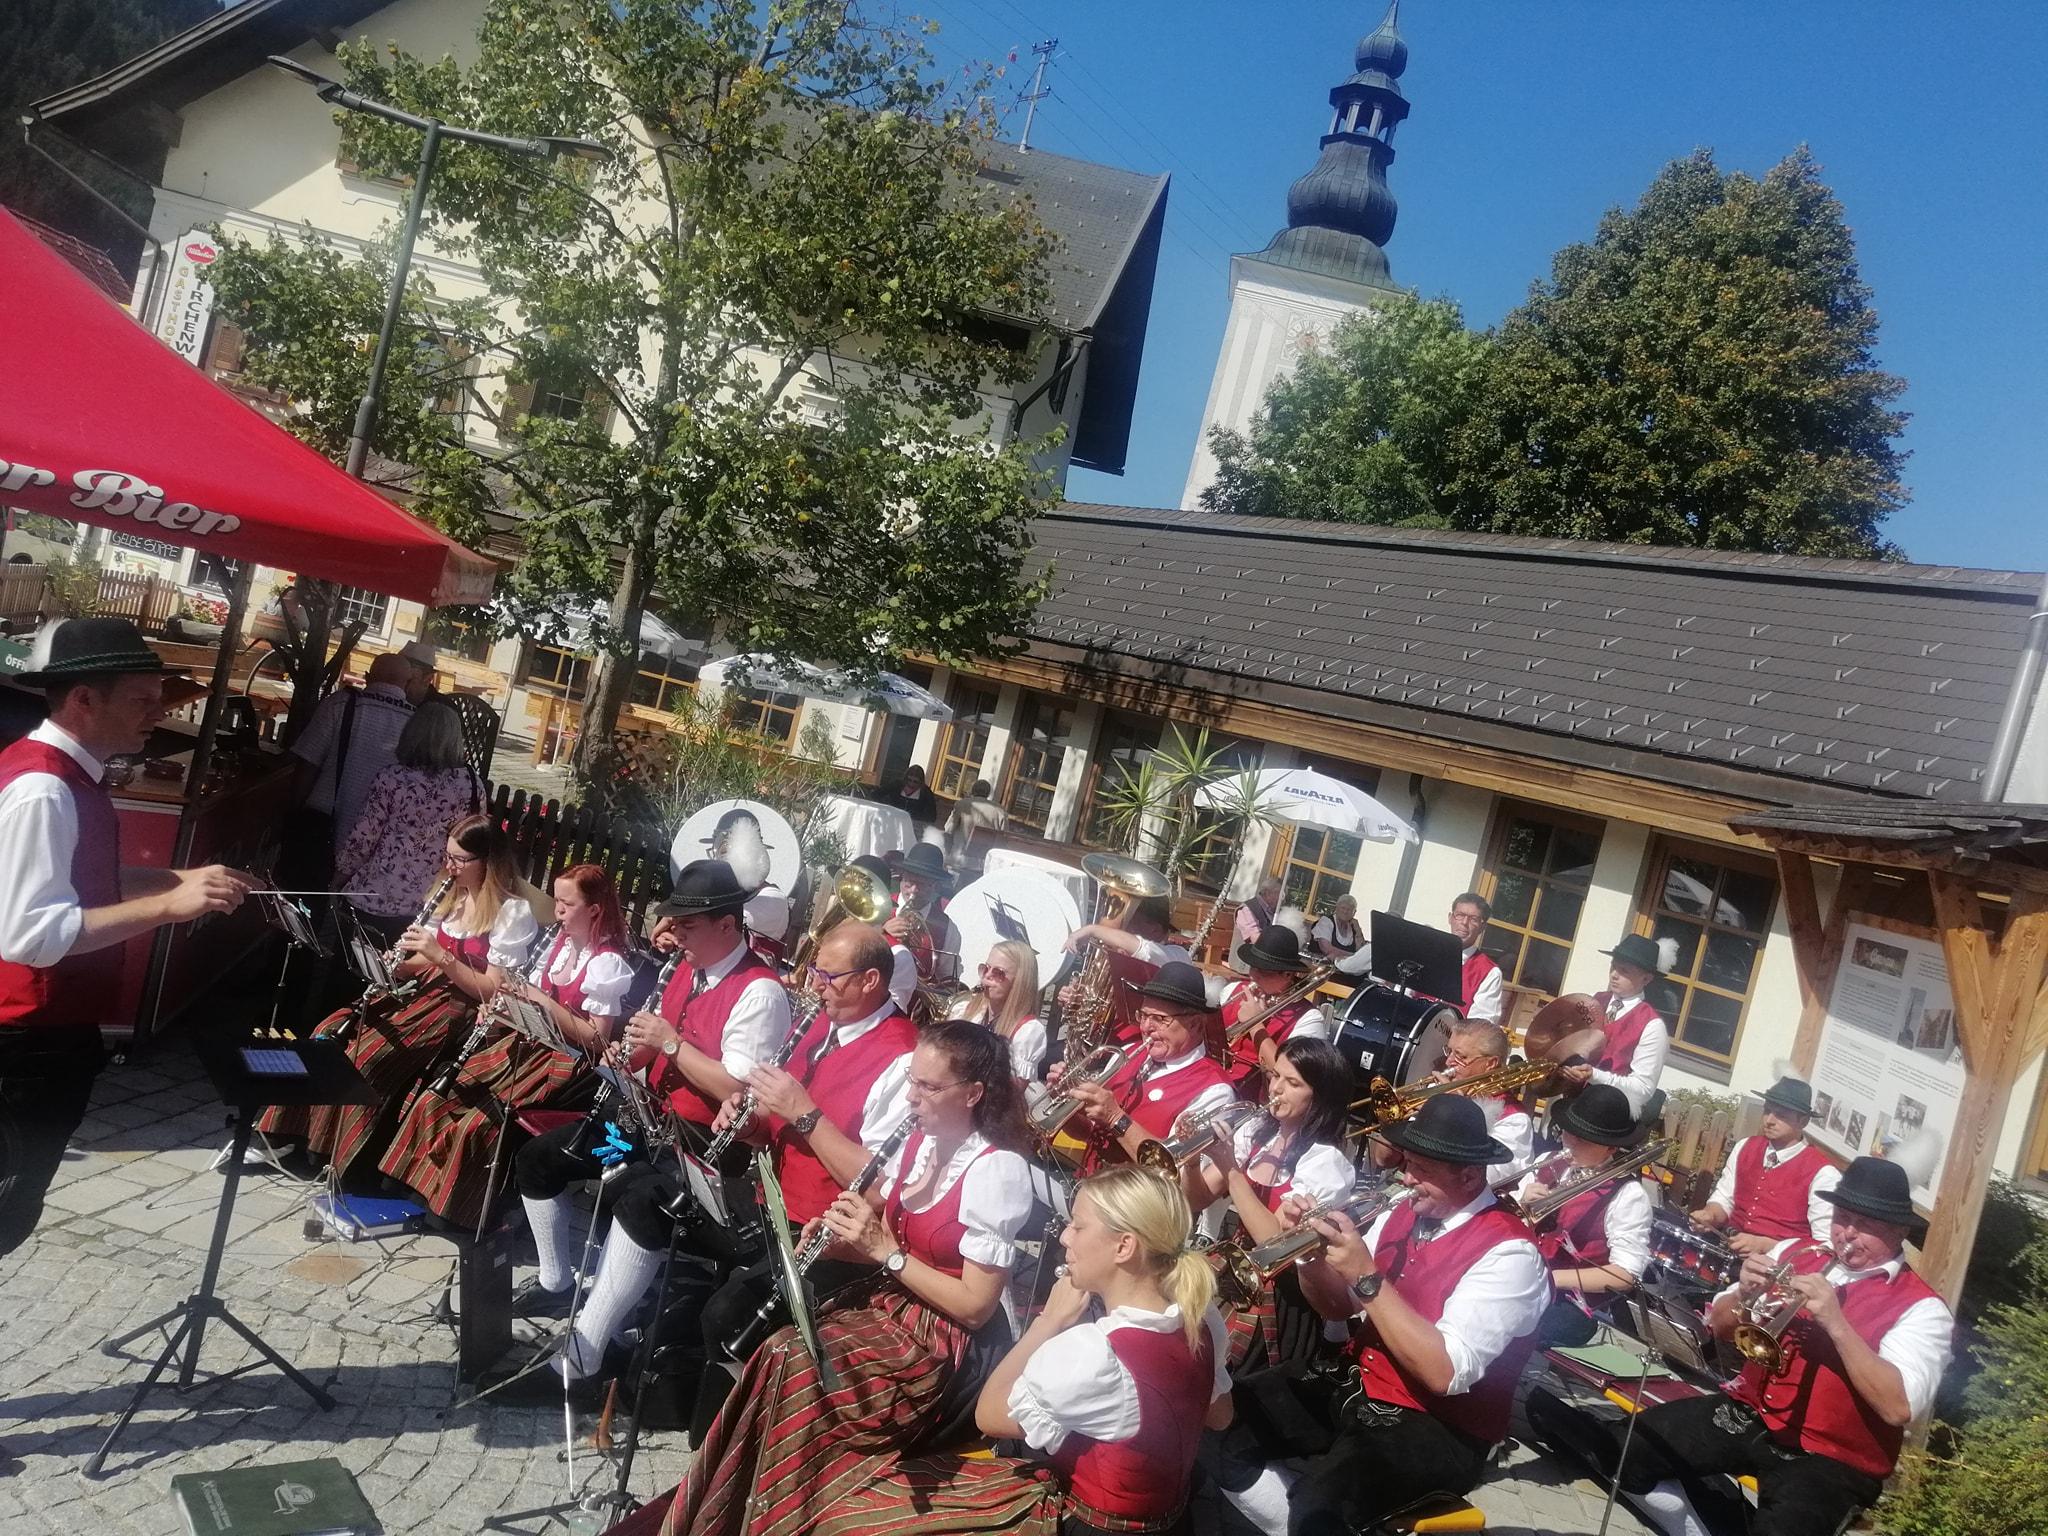 14. Reindlingfest in Gnesau